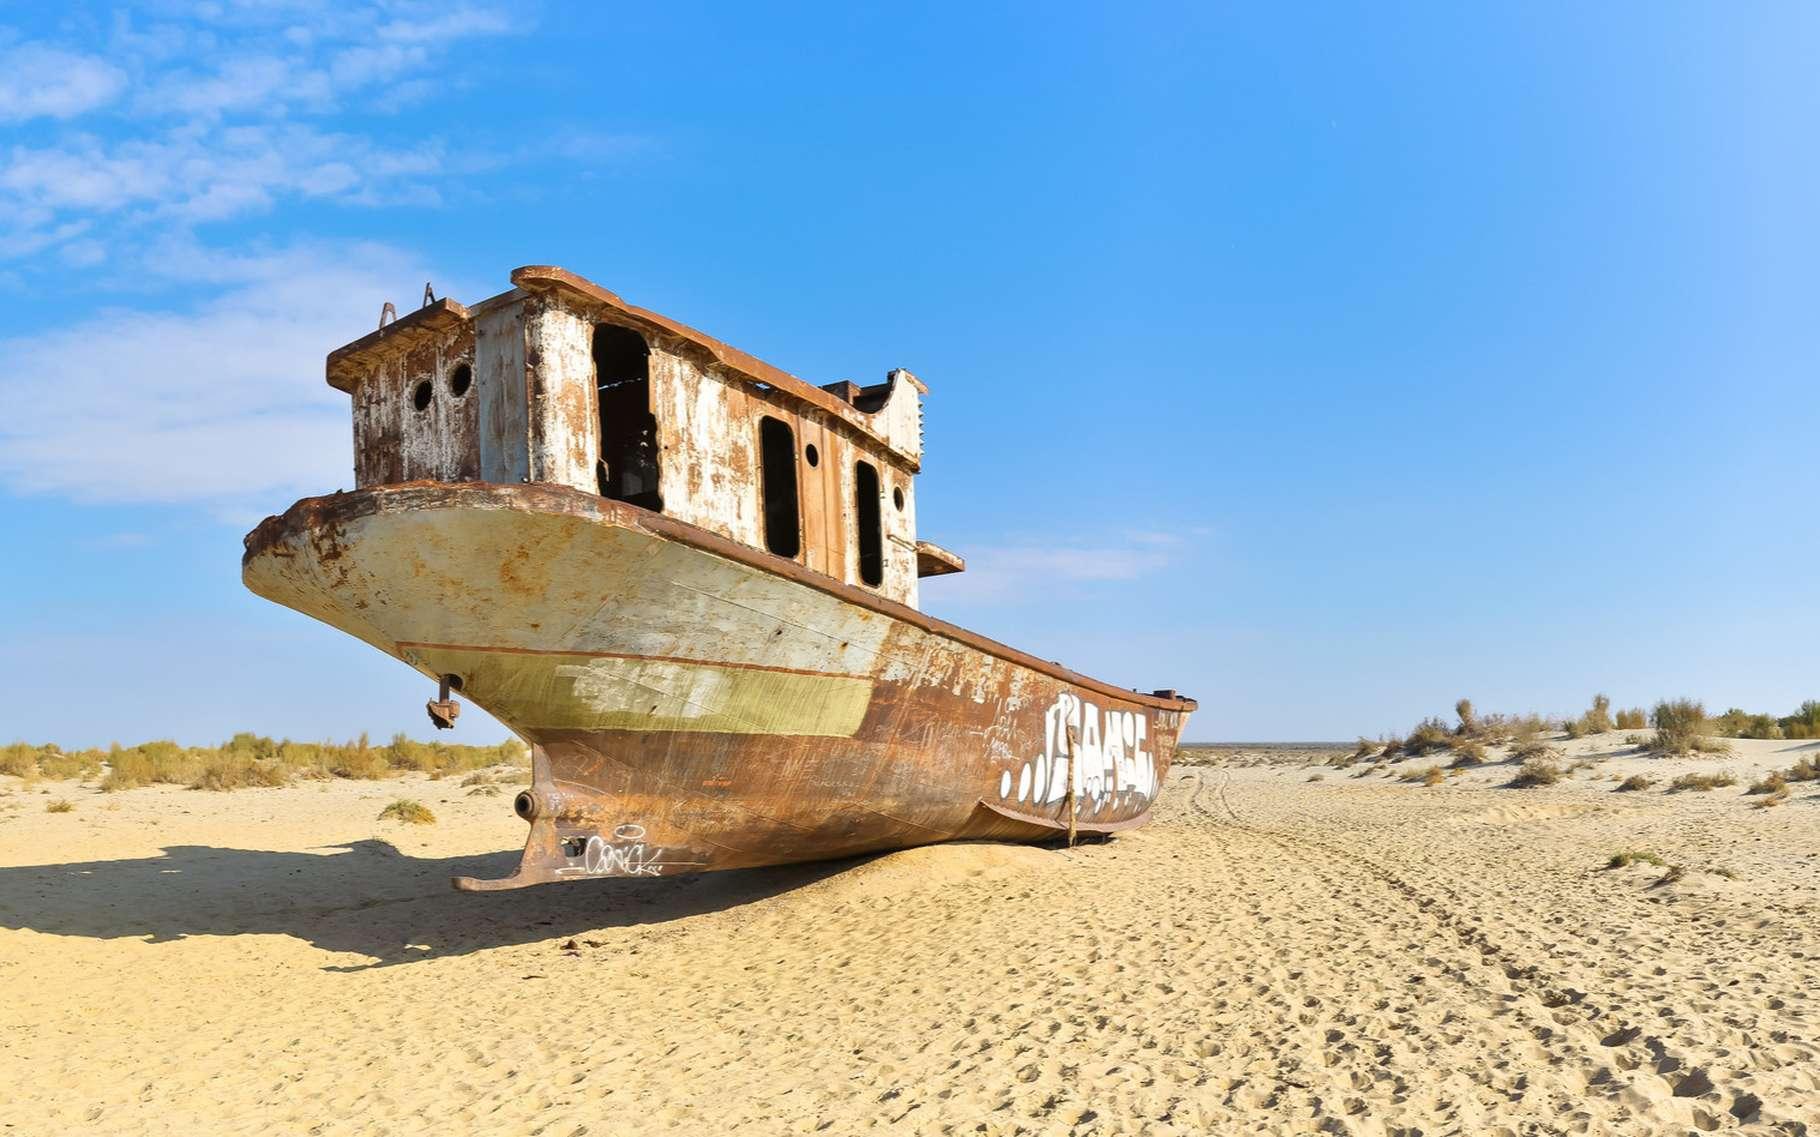 L'évolution de la mer d'Aral, située en Asie centrale, est inquiétante. Si la partie nord s'est remplie suite à la construction d'une digue, au sud, la mer est quant à elle asséchée. © alsem, Shutterstock